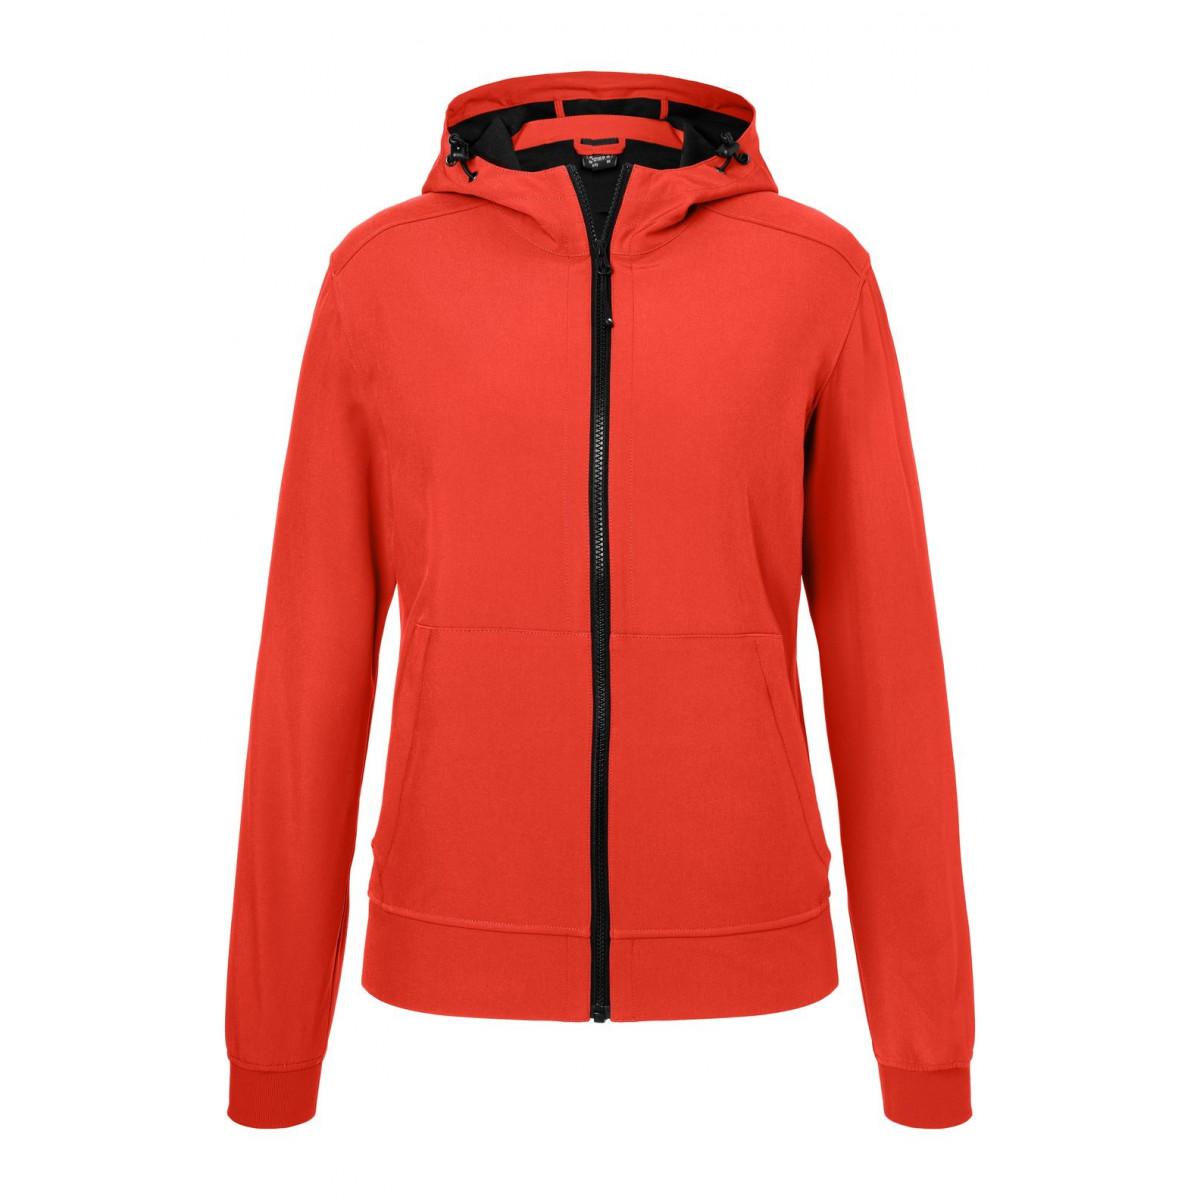 Куртка женская JN1145 Ladies Hooded Softshell Jacket - Ярко-красный/Черный